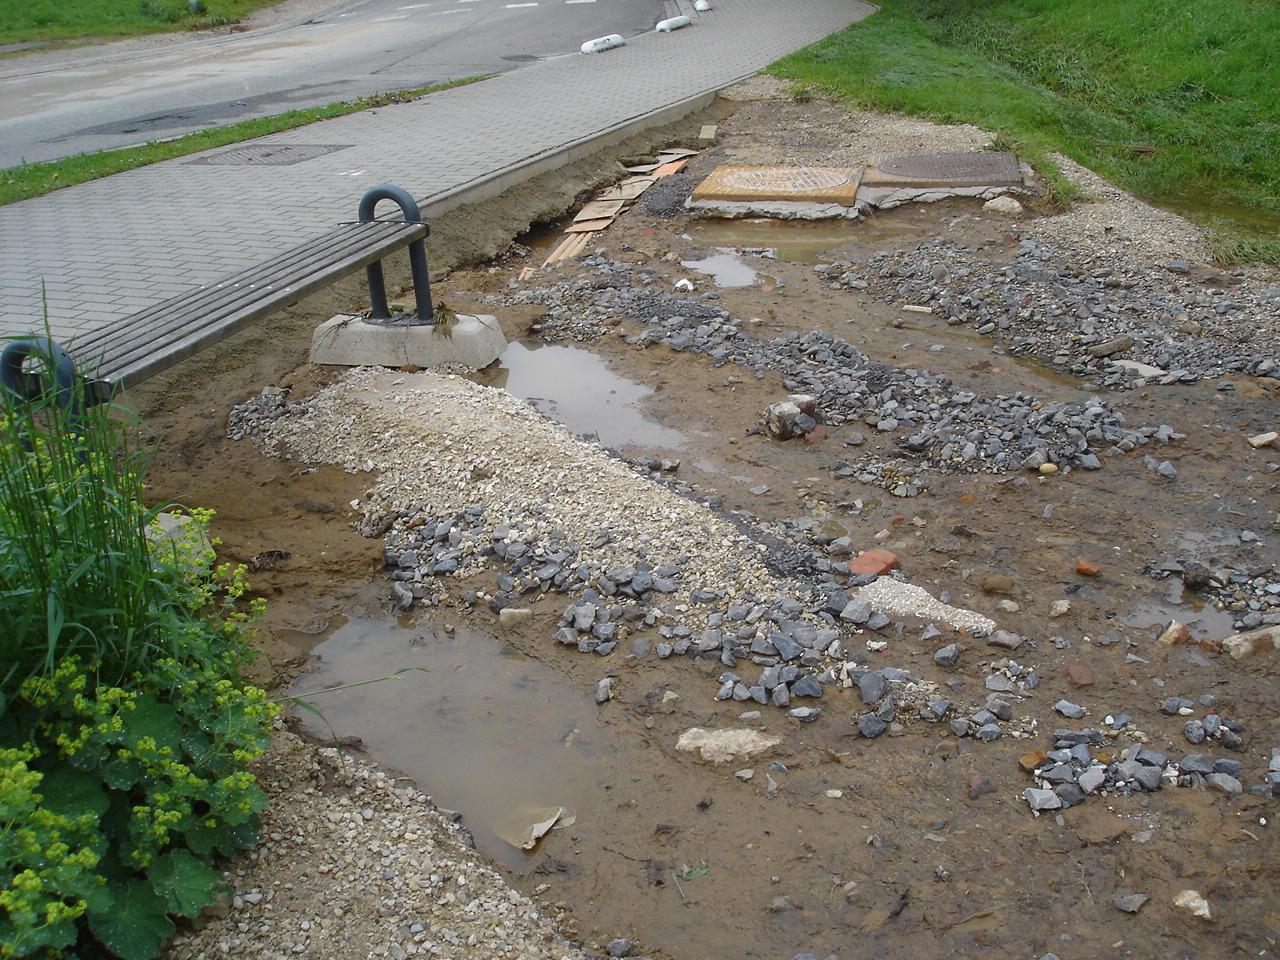 schade aan omgeving watermolen